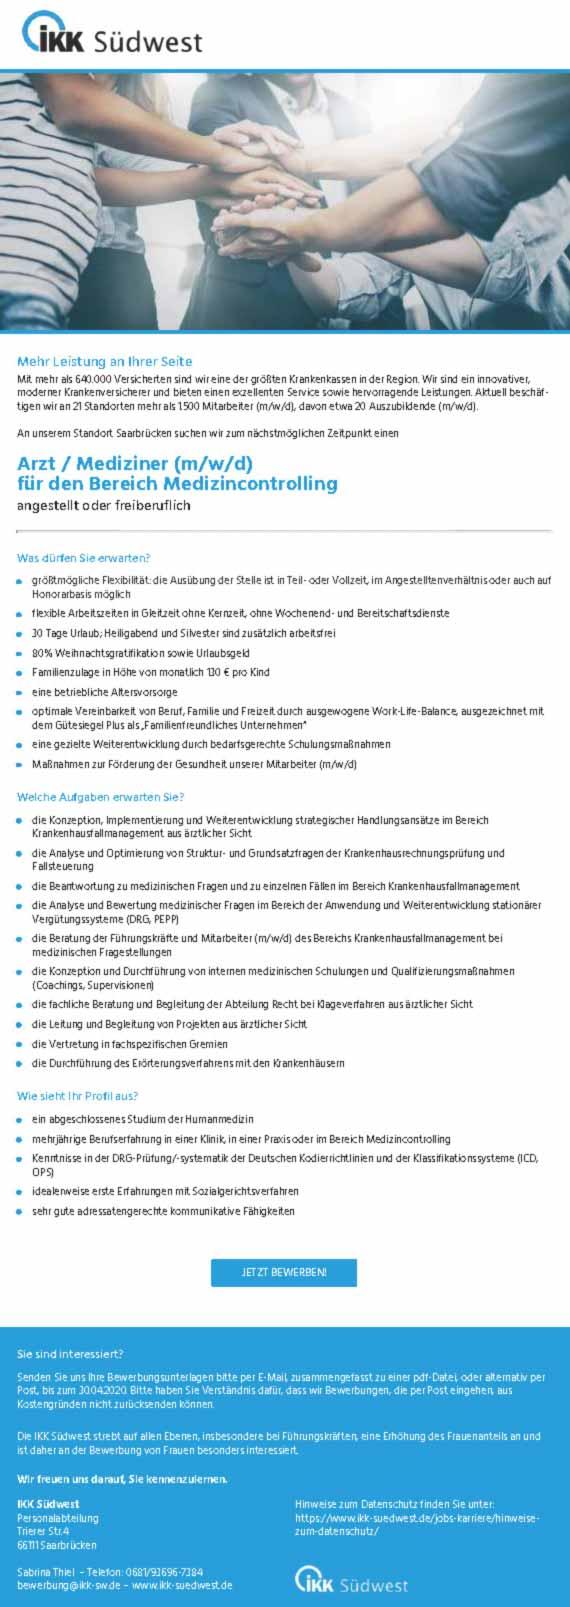 IKK Südwest Saarbrücken: Arzt / Mediziner (m/w/d)